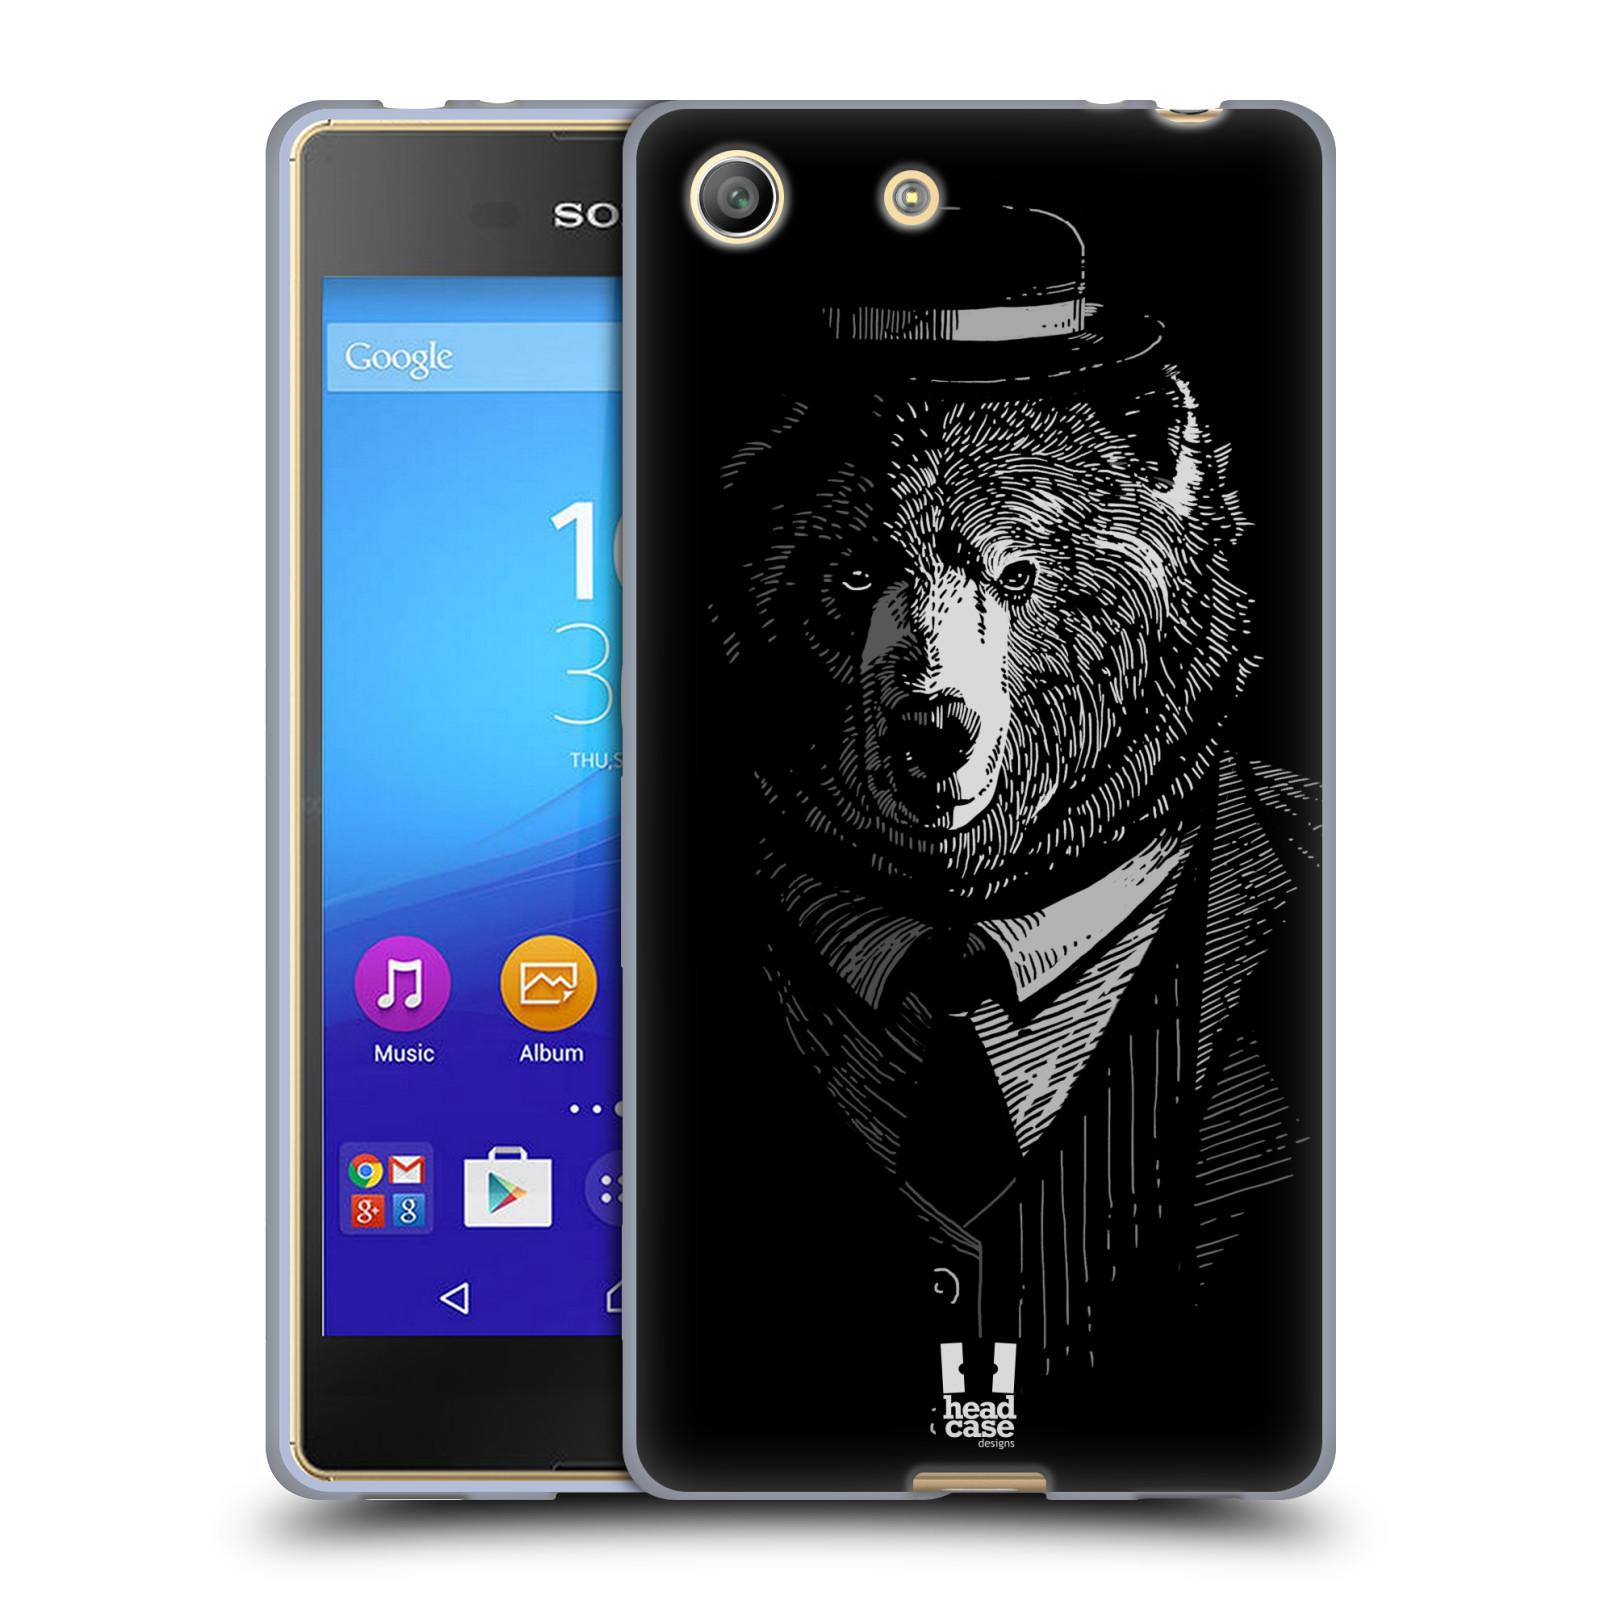 Silikonové pouzdro na mobil Sony Xperia M5 HEAD CASE MEDVĚD V KVÁDRU (Silikonový kryt či obal na mobilní telefon Sony Xperia M5 Dual SIM / Aqua)